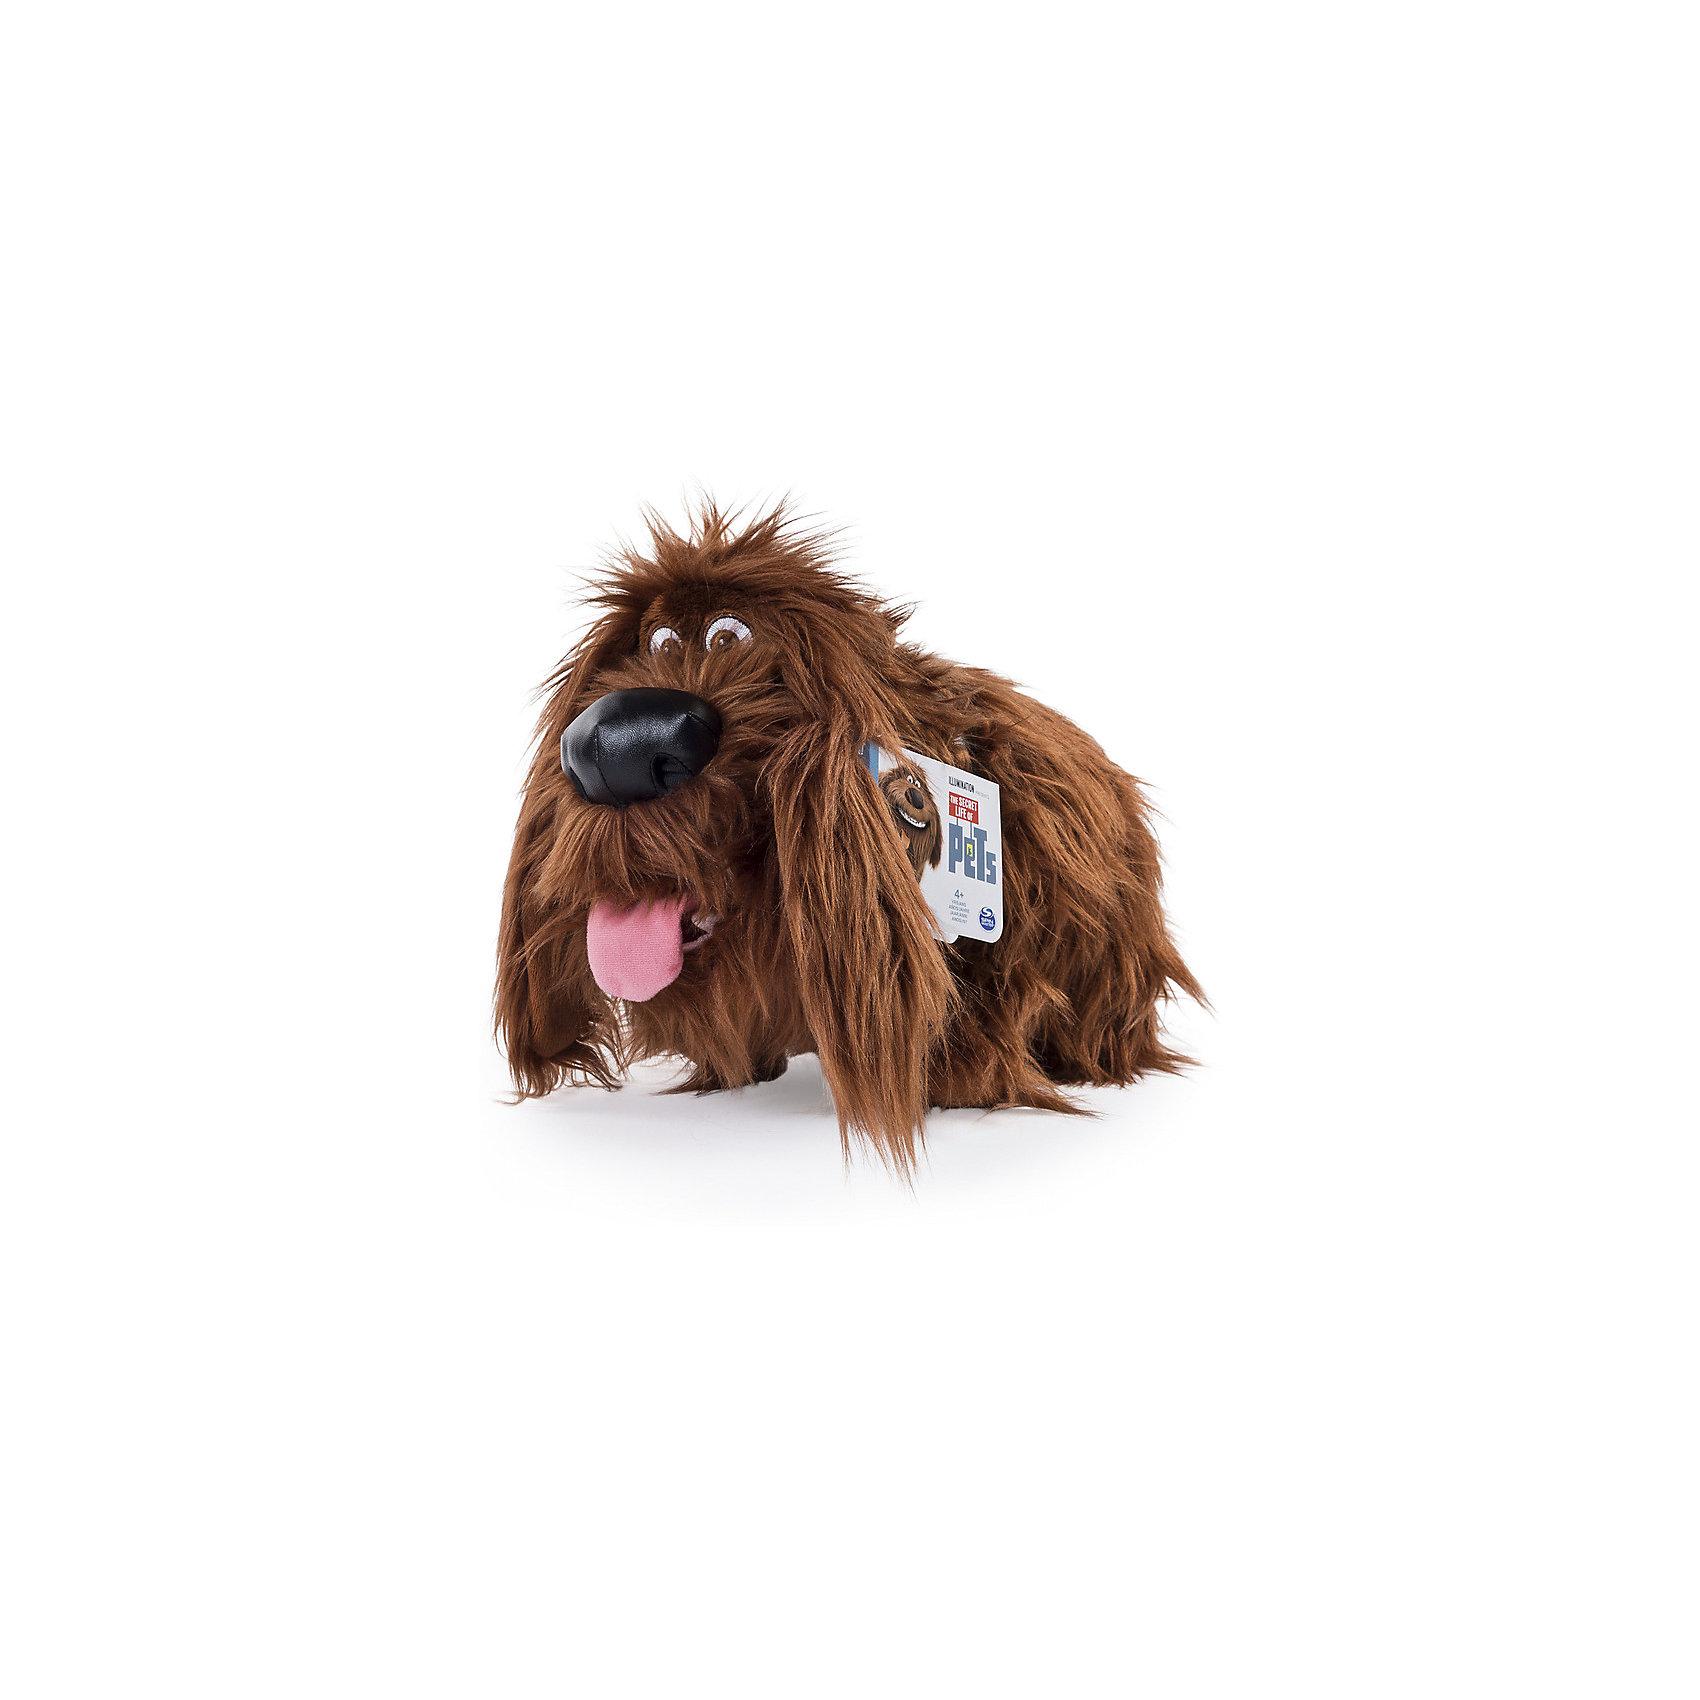 Мягкая игрушка Тайная жизнь домашних животных - ЛовкачЛюбимые герои<br>Характеристики товара:<br><br>- цвет: разноцветный;<br>- материал: искусственный мех, синтепон;<br>- размер игрушки: 30 см;<br>- вес: 400 г.<br><br>Играть с фигурками из любимого мультфильма - вдвойне интереснее! Фигурки героев мультика Тайная жизнь домашних животных очень красивые, они хорошо детализированы. Каждая фигурка отлично выполнена, очень похожа на героя мультика, поэтому она станет желанным подарком для ребенка. Такое изделие отлично тренирует у ребенка разные навыки: играя с фигурками, ребенок развивает мелкую моторику, цветовосприятие, внимание, воображение и творческое мышление. <br>Из этих фигурок можно собрать целую коллекцию! Изделие произведено из качественных проверенных материалов, безопасных для малышей.<br><br>Плюш Ловкач 30 см, Тайная жизнь домашних животных, можно купить в нашем интернет-магазине.<br><br>Ширина мм: 406<br>Глубина мм: 355<br>Высота мм: 304<br>Вес г: 140<br>Возраст от месяцев: 36<br>Возраст до месяцев: 2147483647<br>Пол: Унисекс<br>Возраст: Детский<br>SKU: 5140216